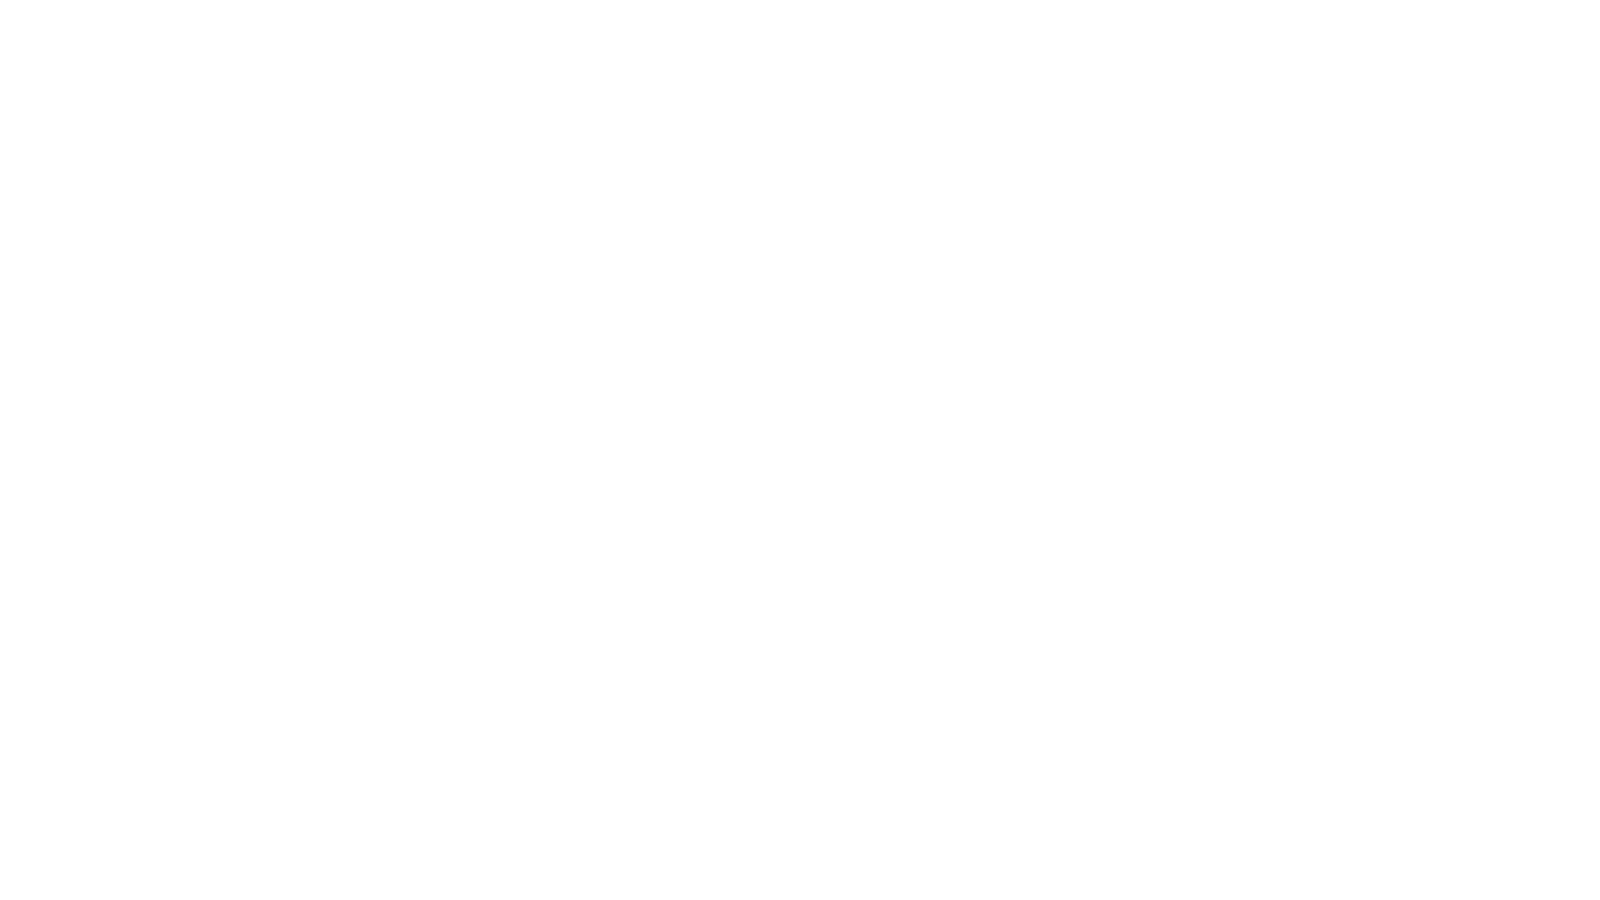 """Oficiální videoklip k písni Sesypej se do mě kapely Náhodný Výběr.  V hlavní roli: Katka Janečková Zvuk a produkce: Thom Fröde, Studio """"I"""" Režie a natáčení klipu: Michal Skořepa  Speciální poděkování táborskému hotelu Palcát.  Web: https://www.nahodnyvyber.cz FB: https://www.facebook.com/NahodnyVyber/ IG: https://www.instagram.com/nahodnyvyber/ Bandzone: http://www.bandzone.cz/nahodnyvyber  Píseň je k dispozici na:  Spotify: https://open.spotify.com/artist/7oioqjBRoLAMVFeuFEaGAc Apple Music: https://music.apple.com/us/artist/n%C3%A1hodn%C3%BD-v%C3%BDb%C4%9Br/1434228811 ...i na ostatních platformách."""